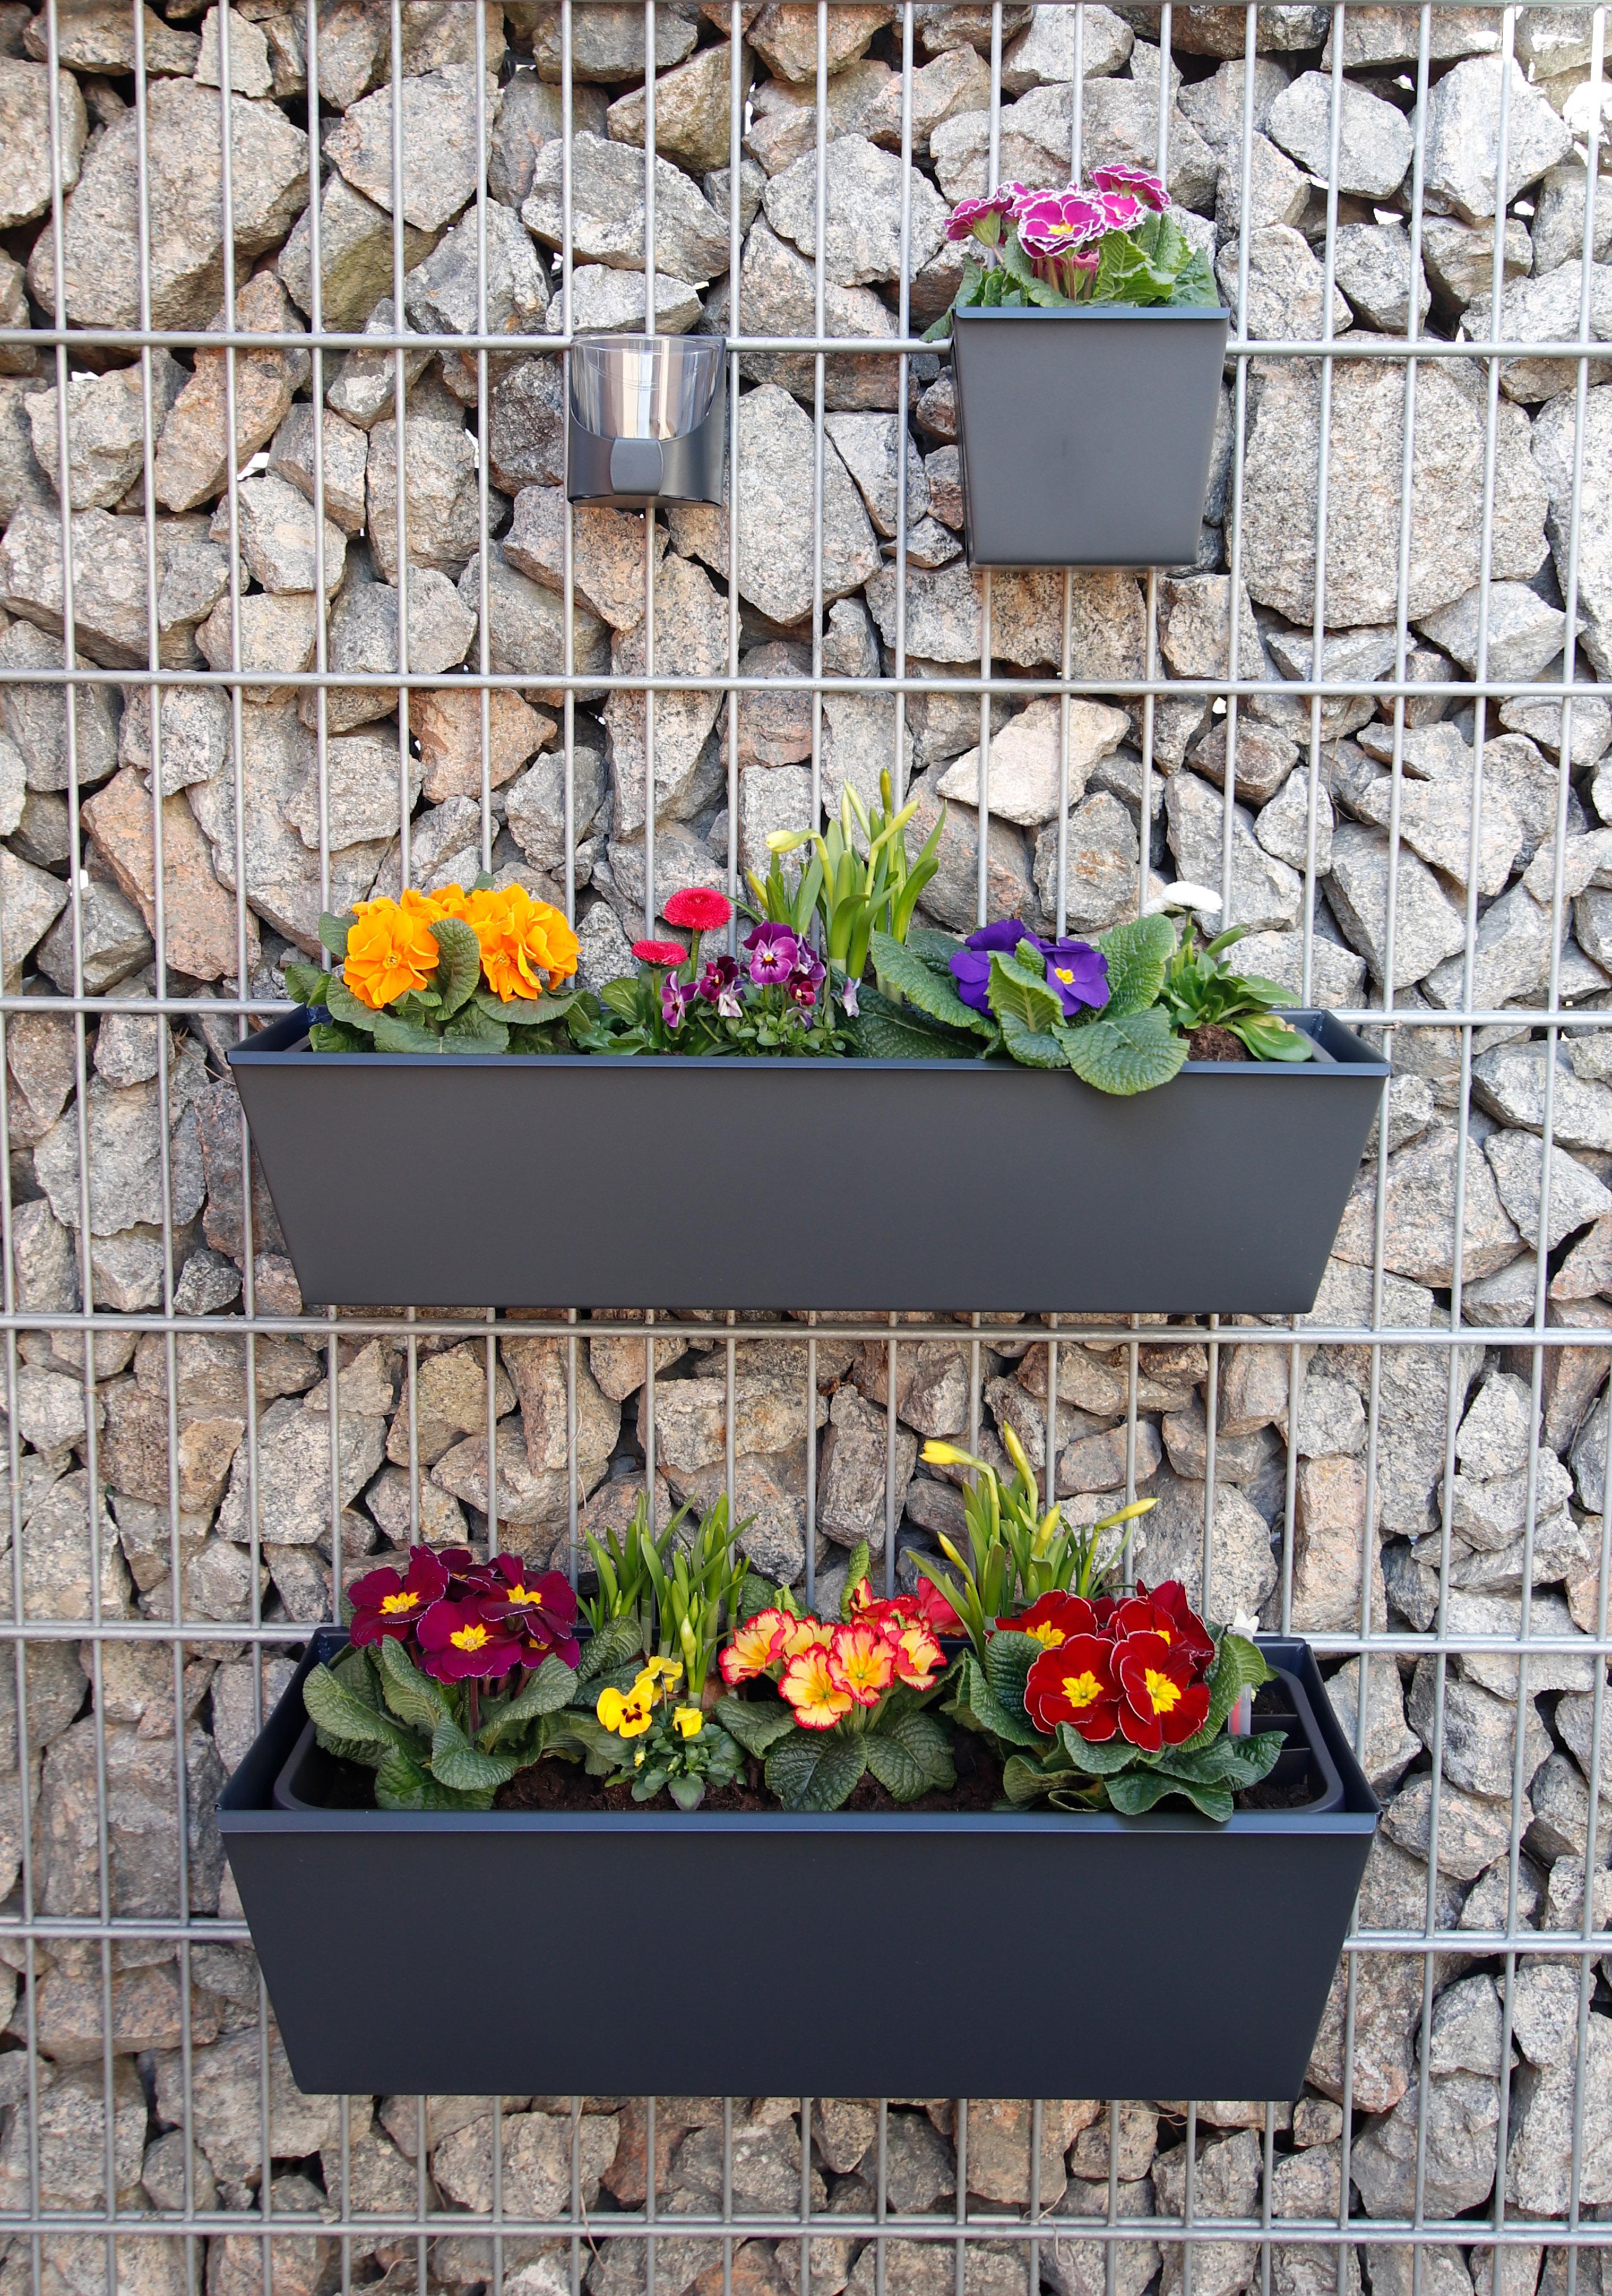 gabioka flowerbox 60cm standard anthrazit pulverbeschichtet (RAL 7016 glatt matt)